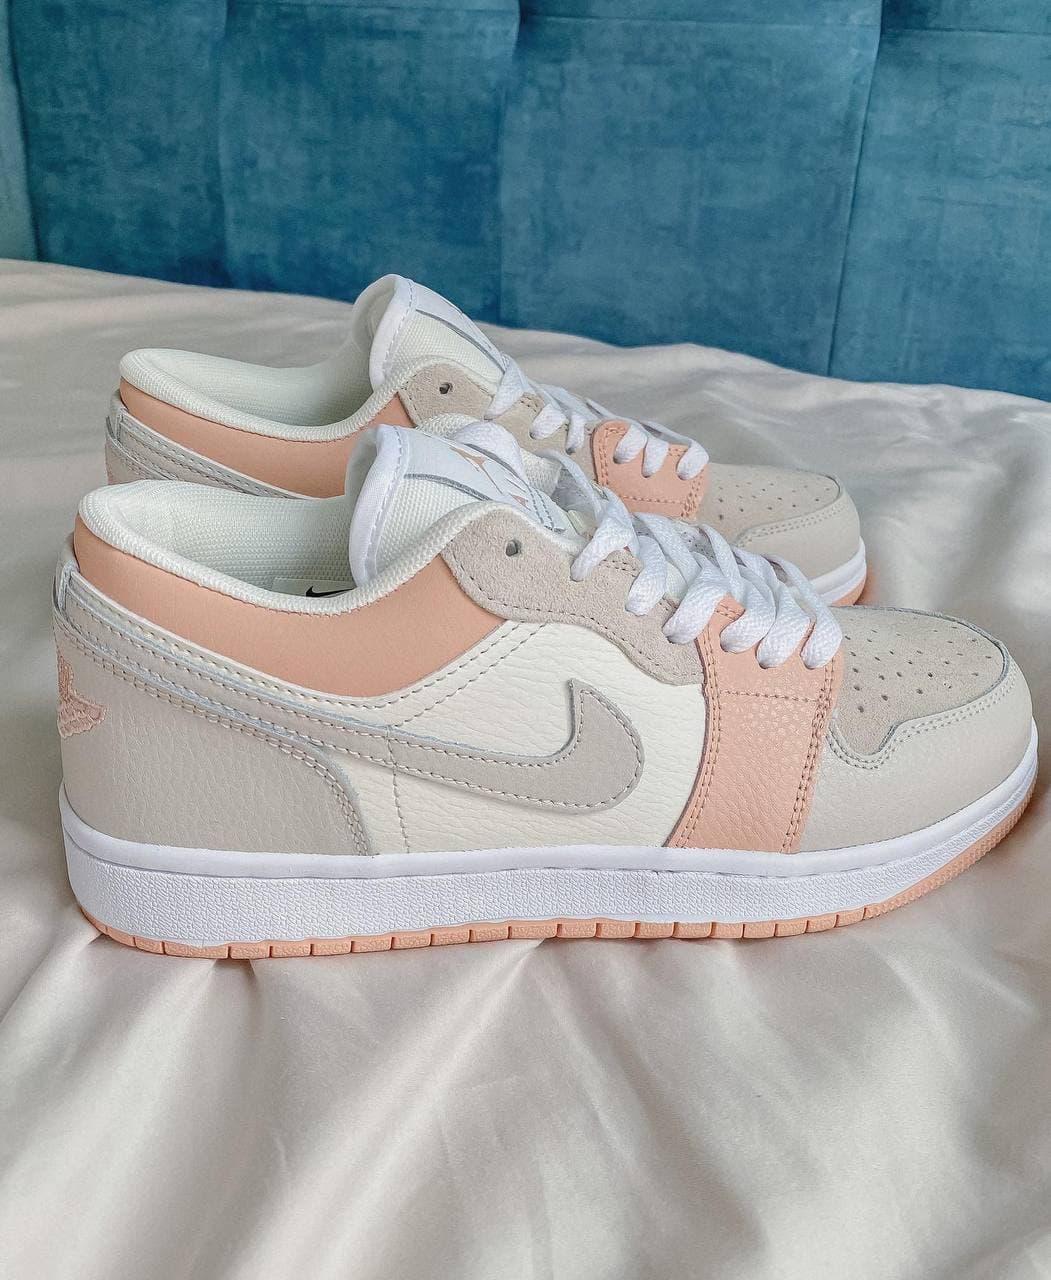 Жіночі кросівки Nike Jordan 1 Retro Low Beige/Pink